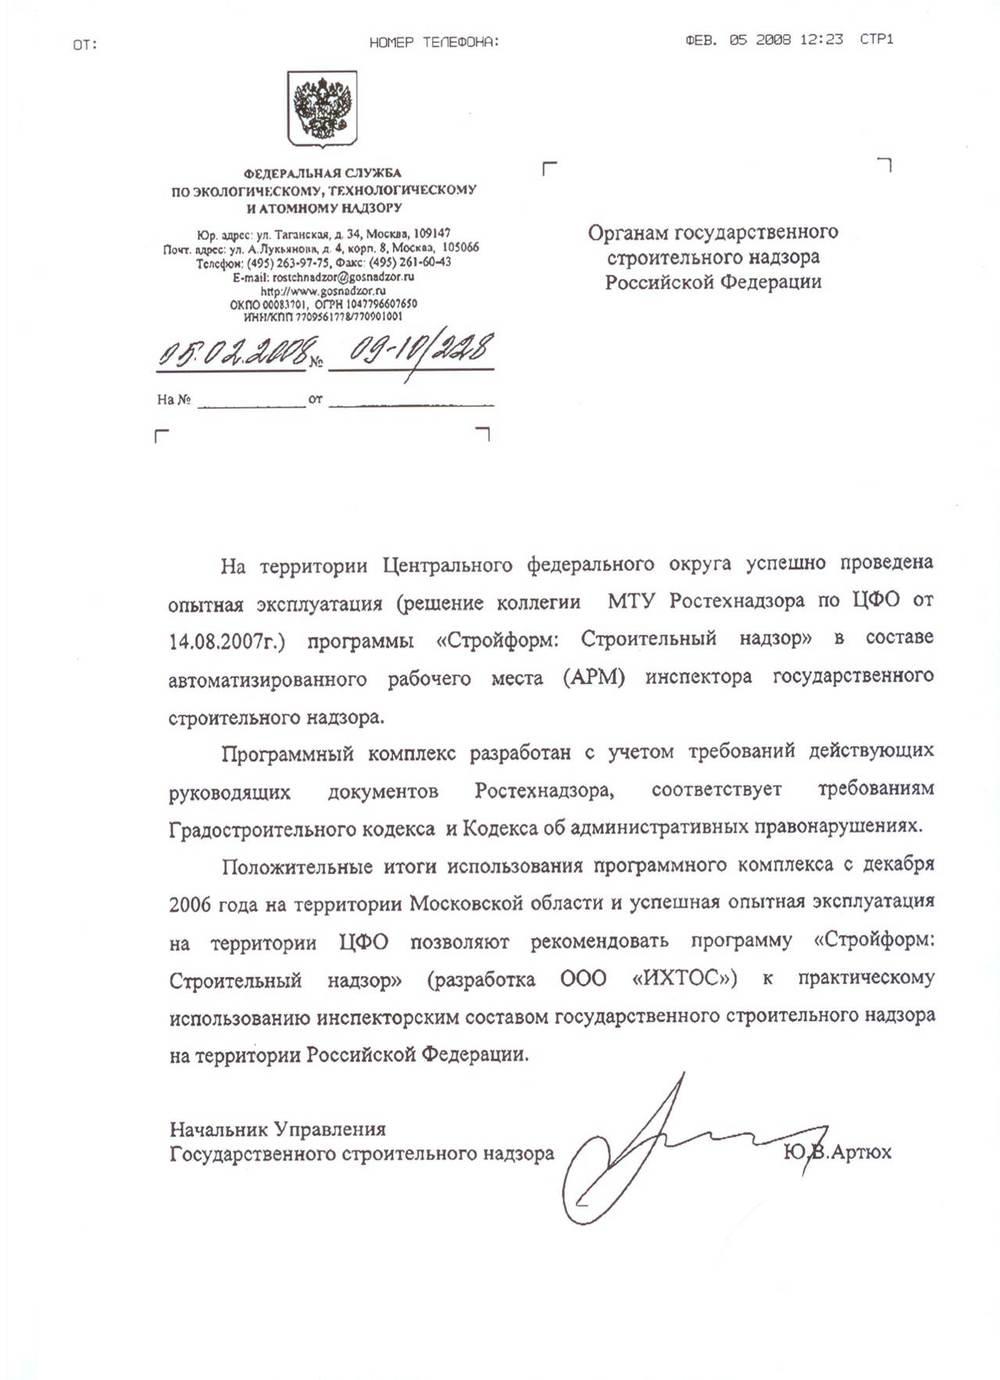 Программа Стройформ Технический надзор организация технического  Рекомендательное письмо Ростехнадзора